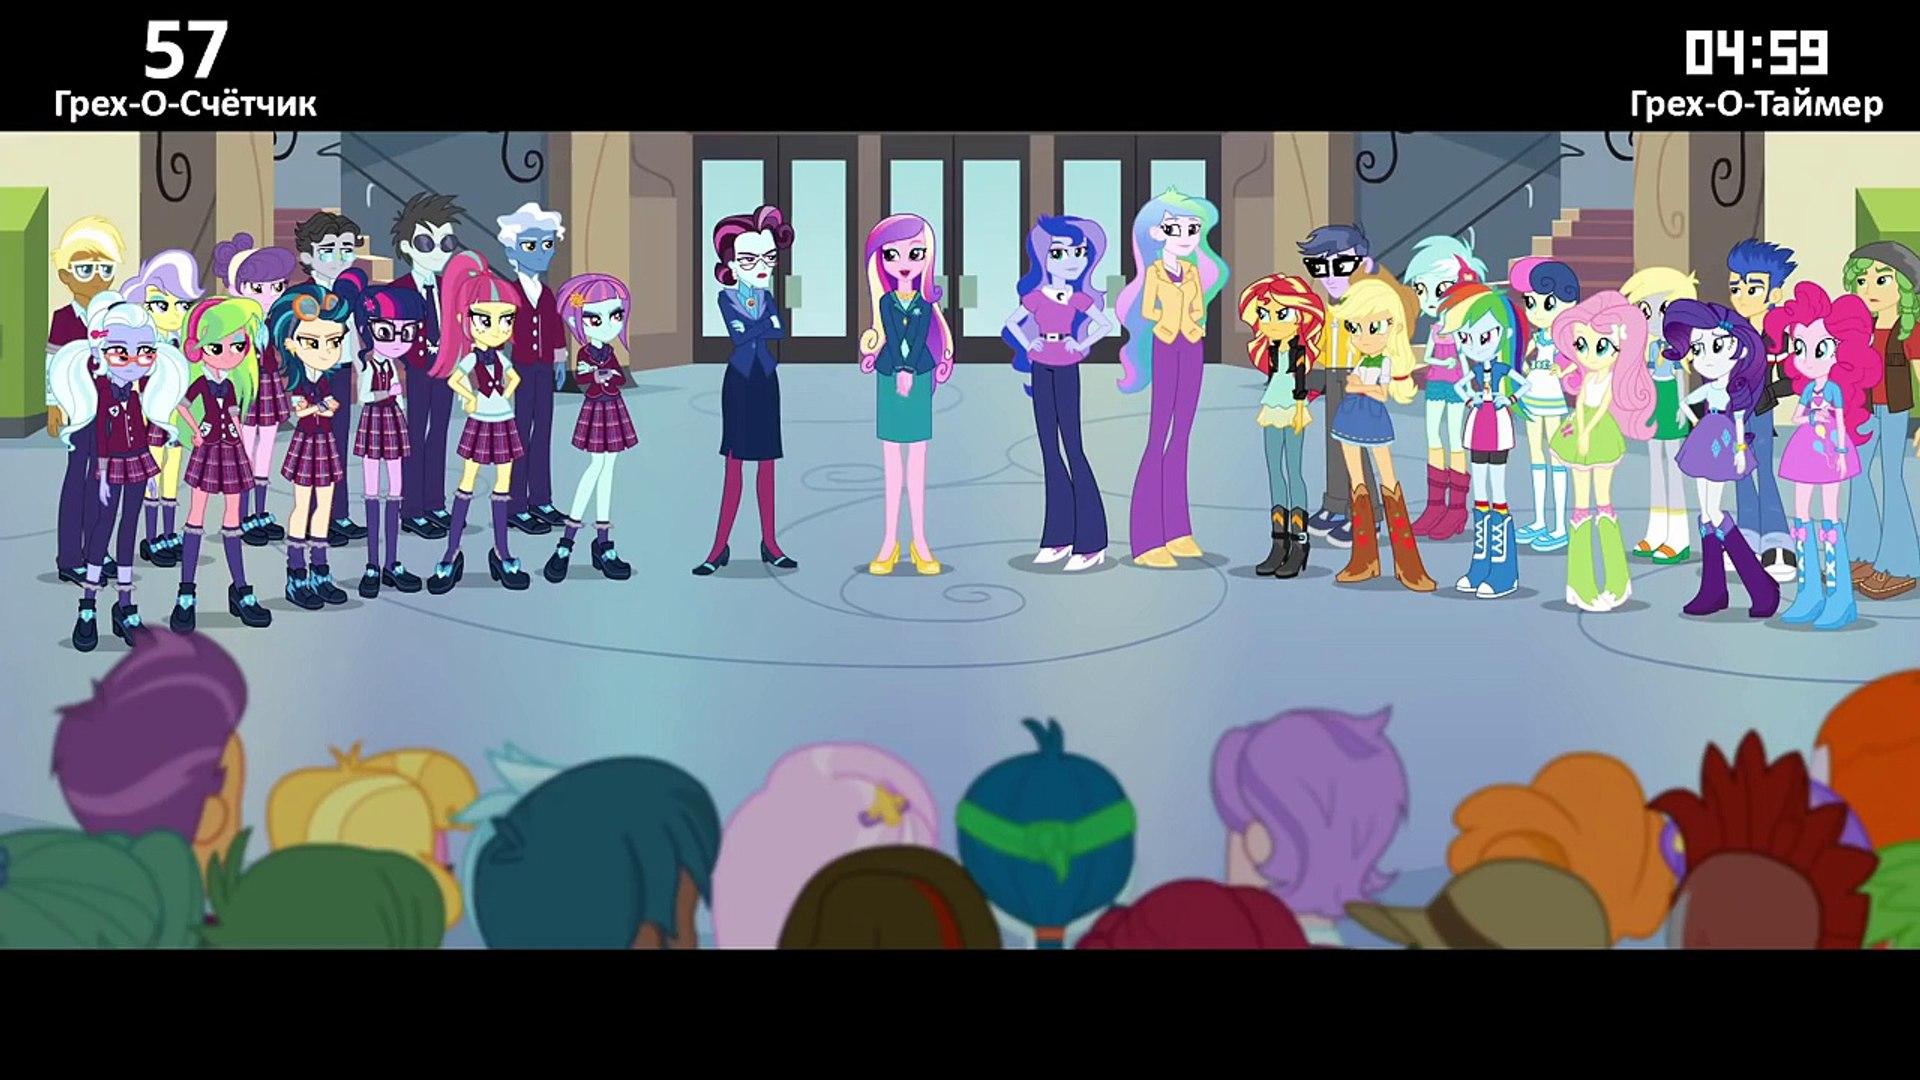 КиноГрехи: Все проколы «Equestria Girls. Friendship Games» чуть менее, чем за 10 минут (rus vo)